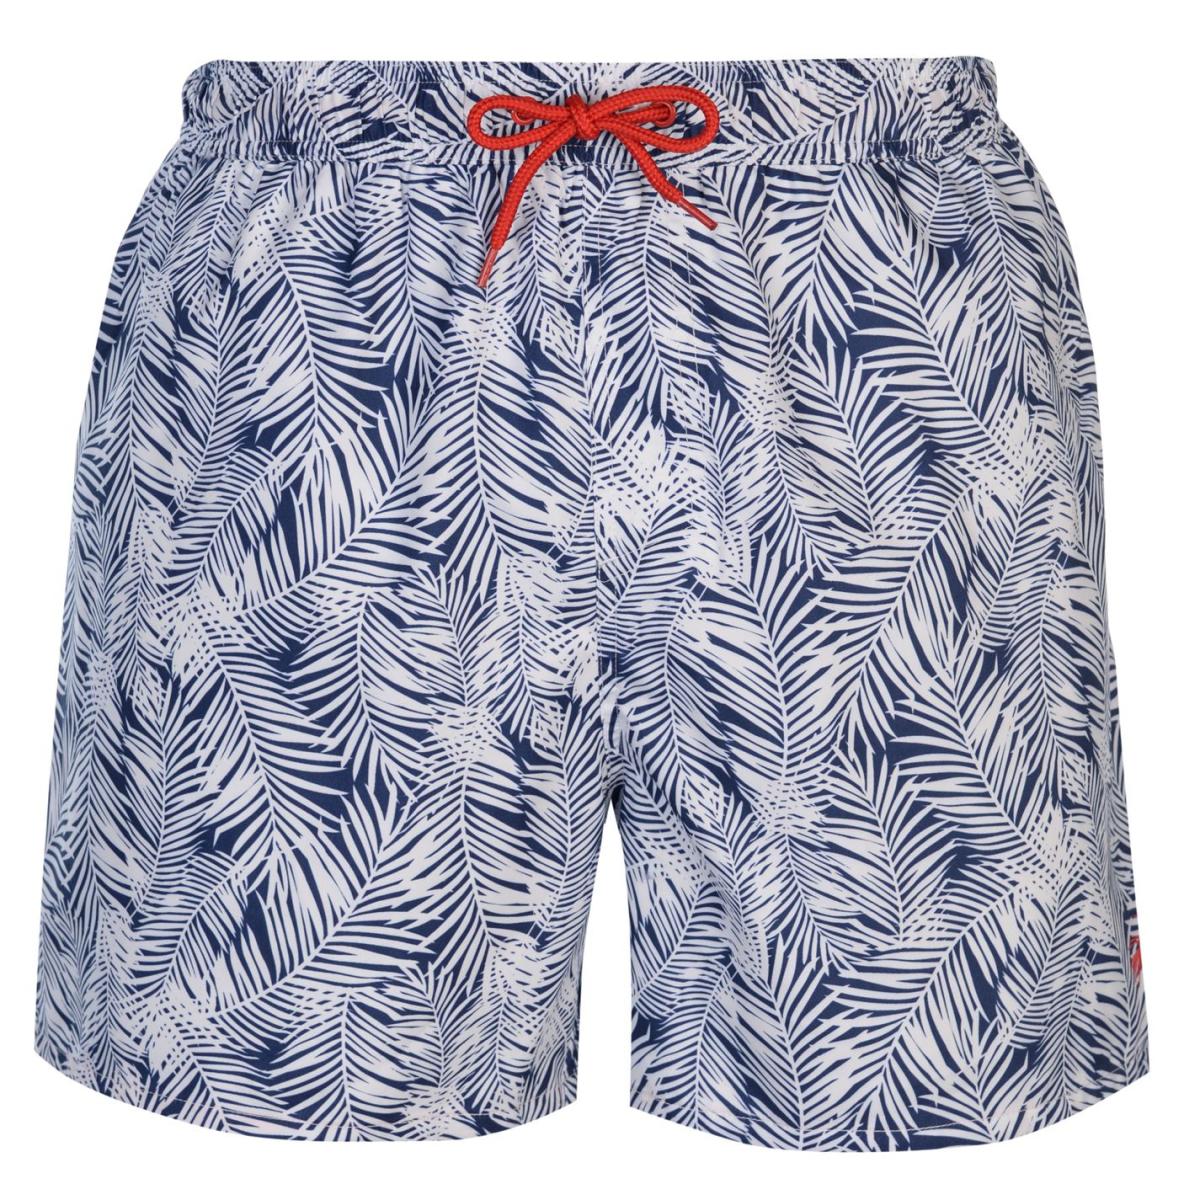 Hot Tuna Oasis Shorts Herren Navy